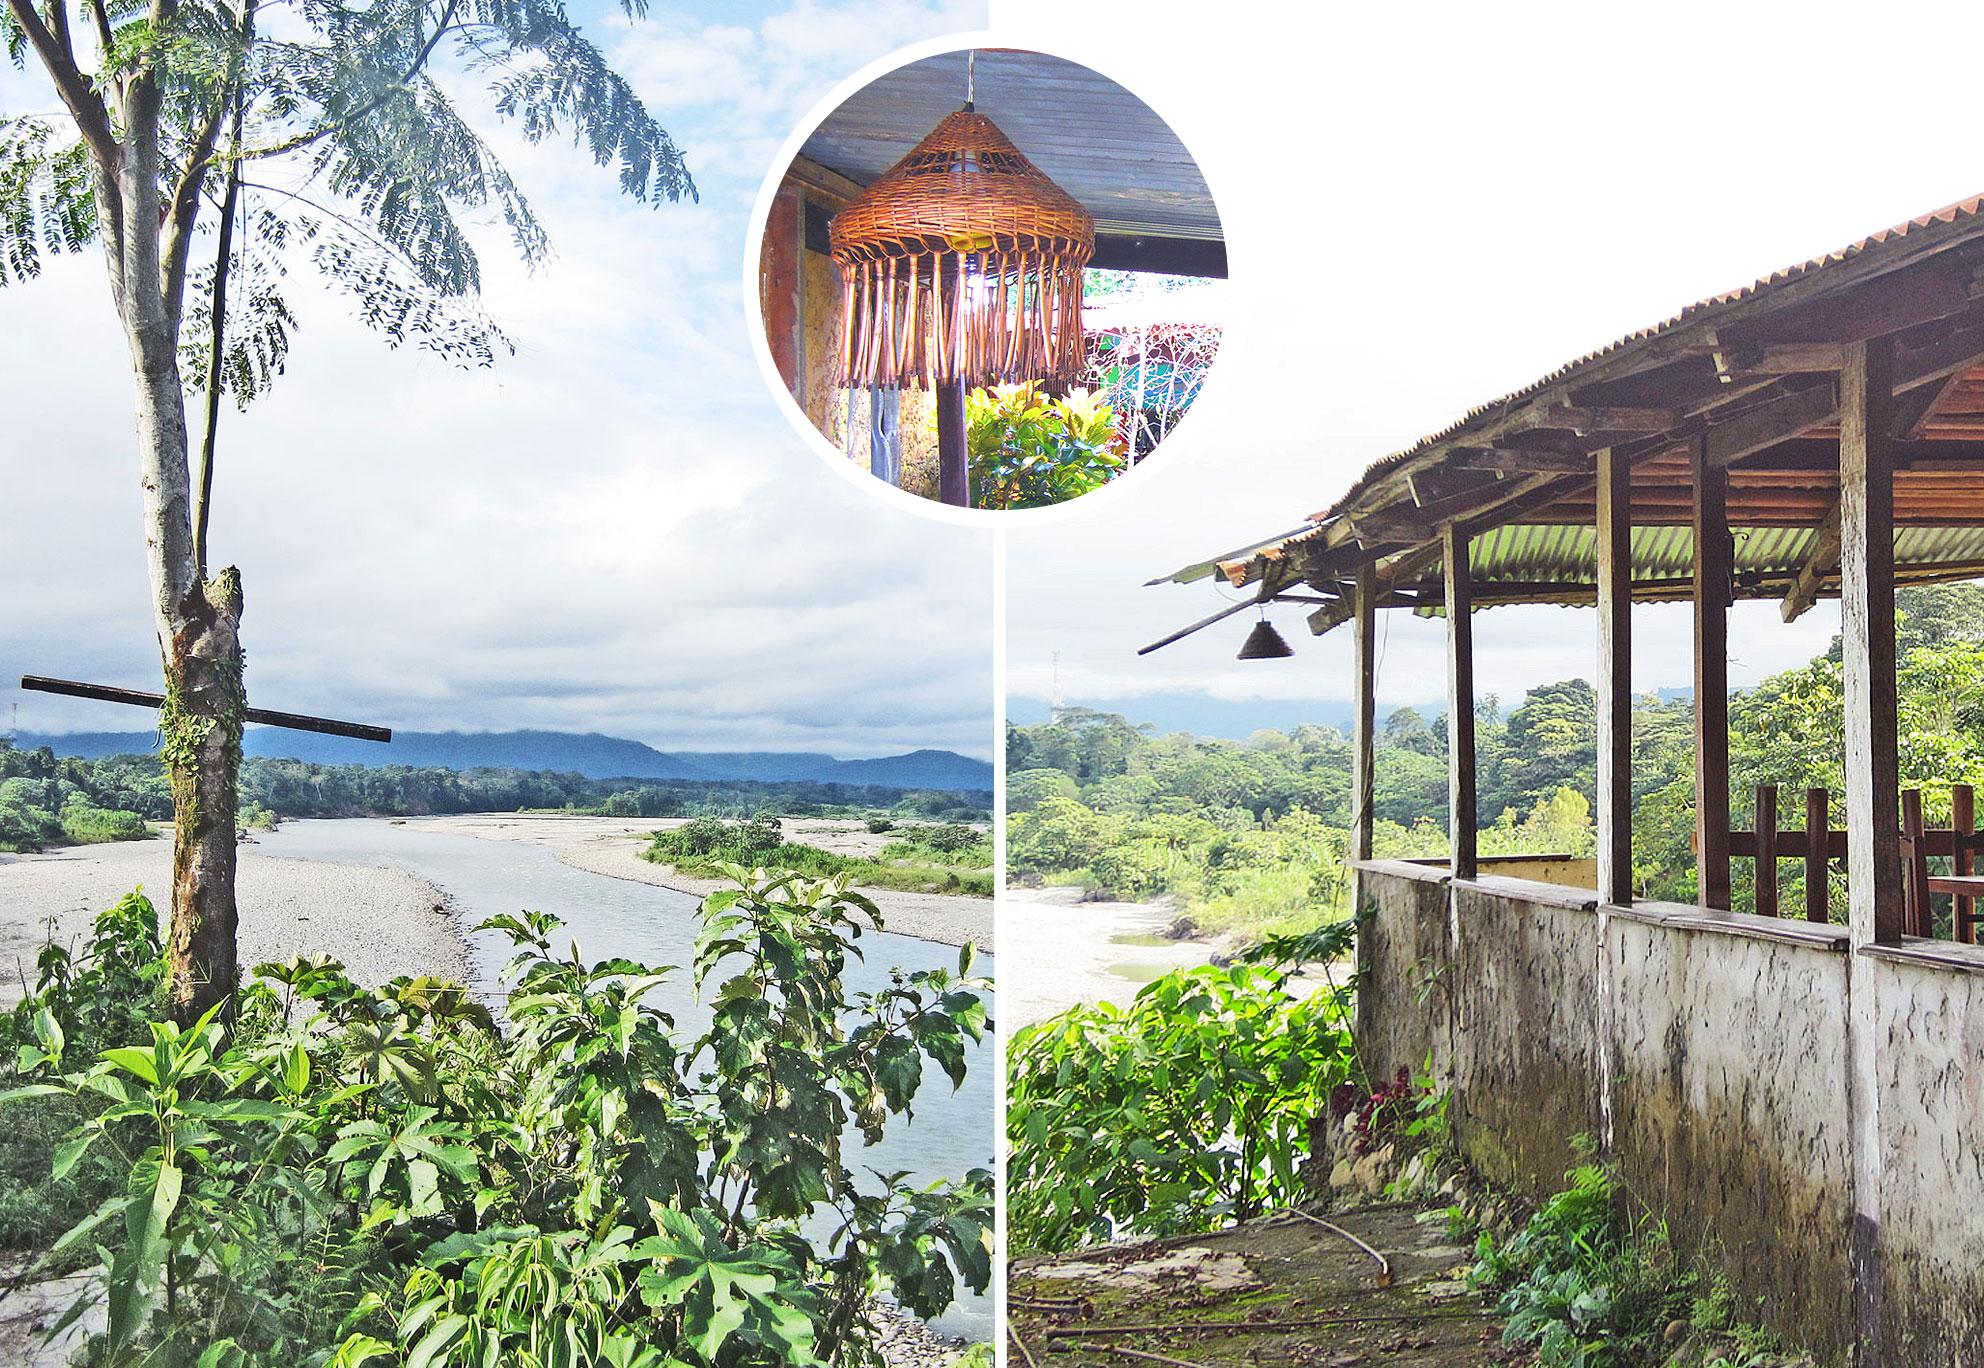 Mein Geheimtipp für Bolivien – Paradiesisch entspannen in Villa Tunari